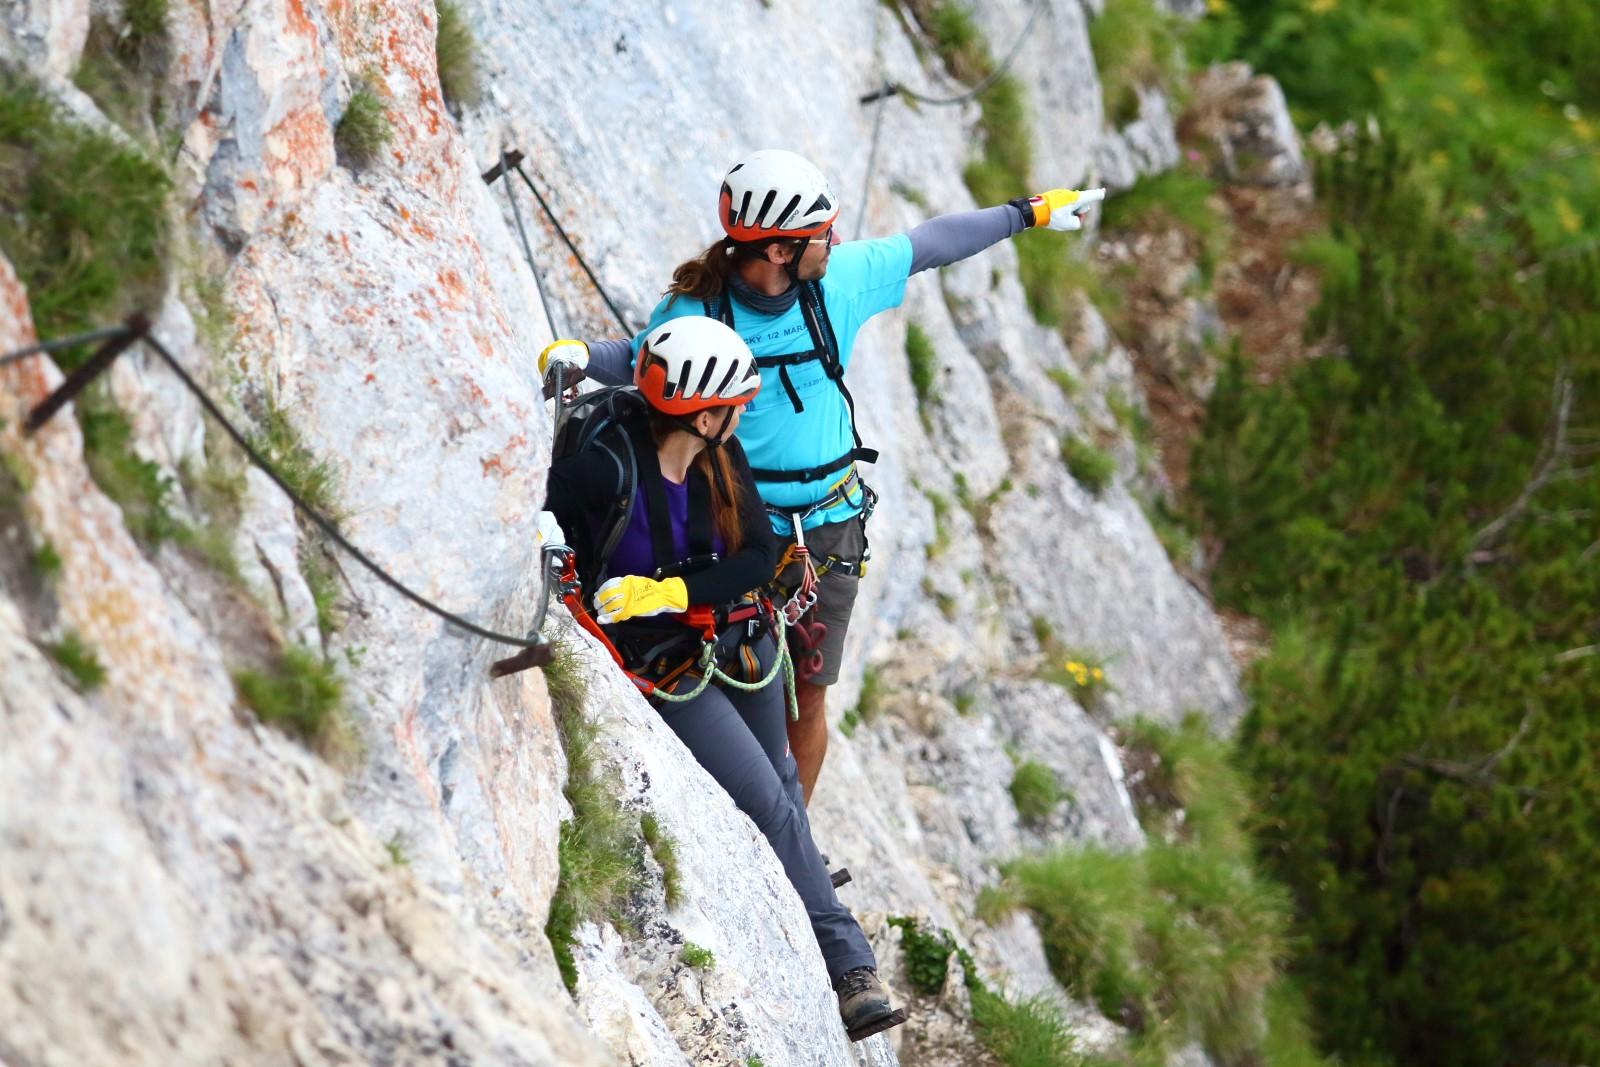 Klettersteig Rakousko : Hany výstup na großer donnerkogel intersport klettersteig